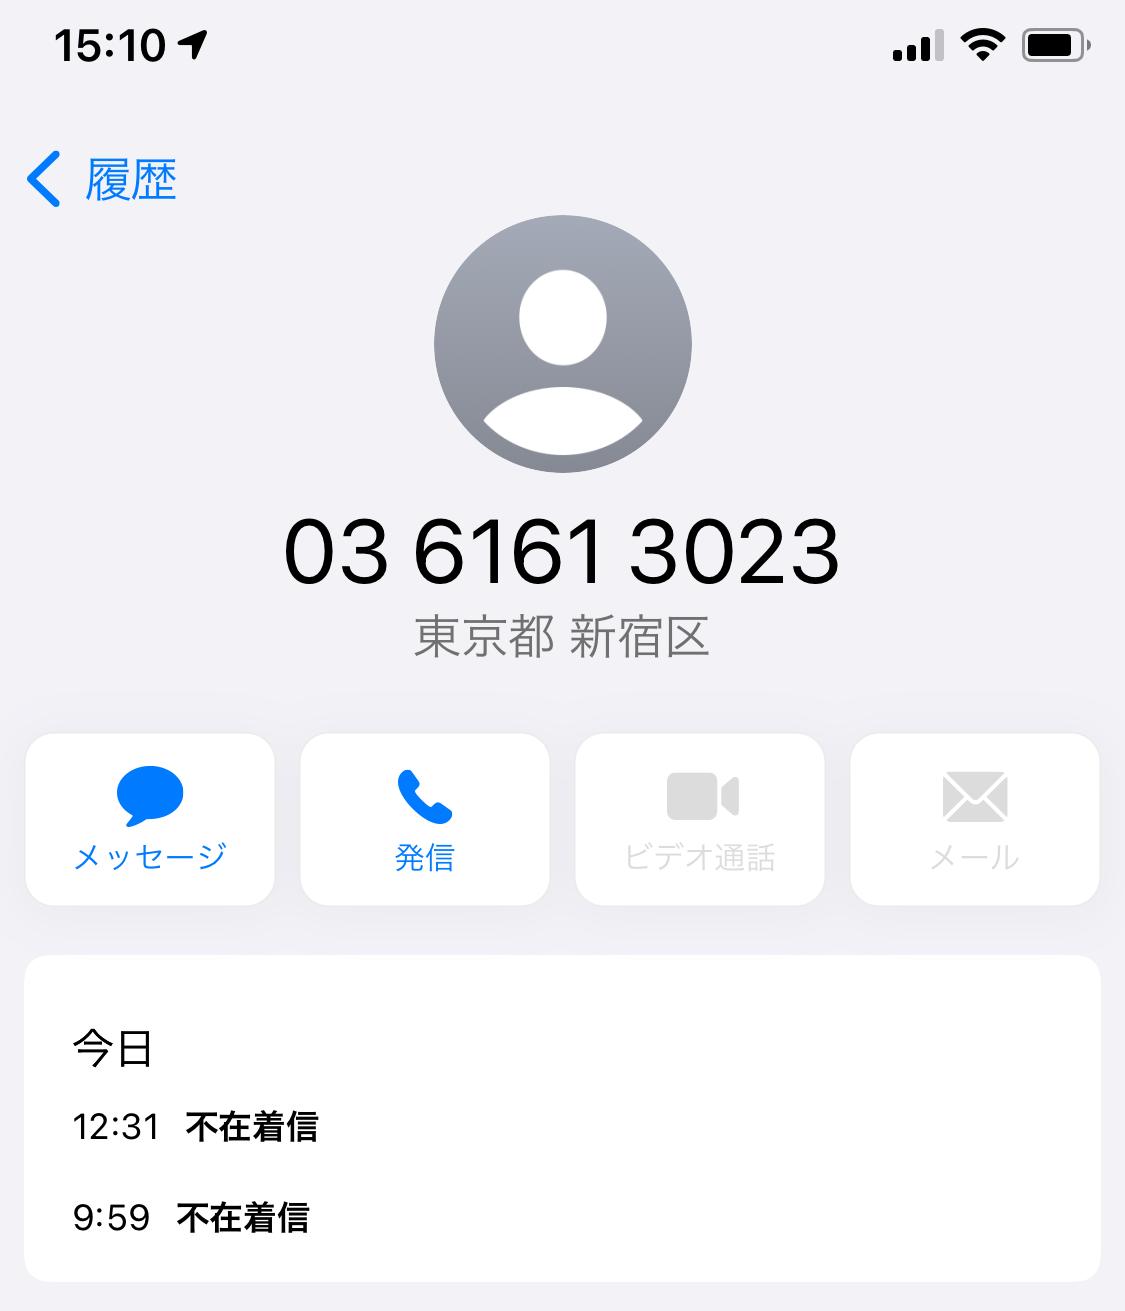 Fuzaichakushin 0361613023 01